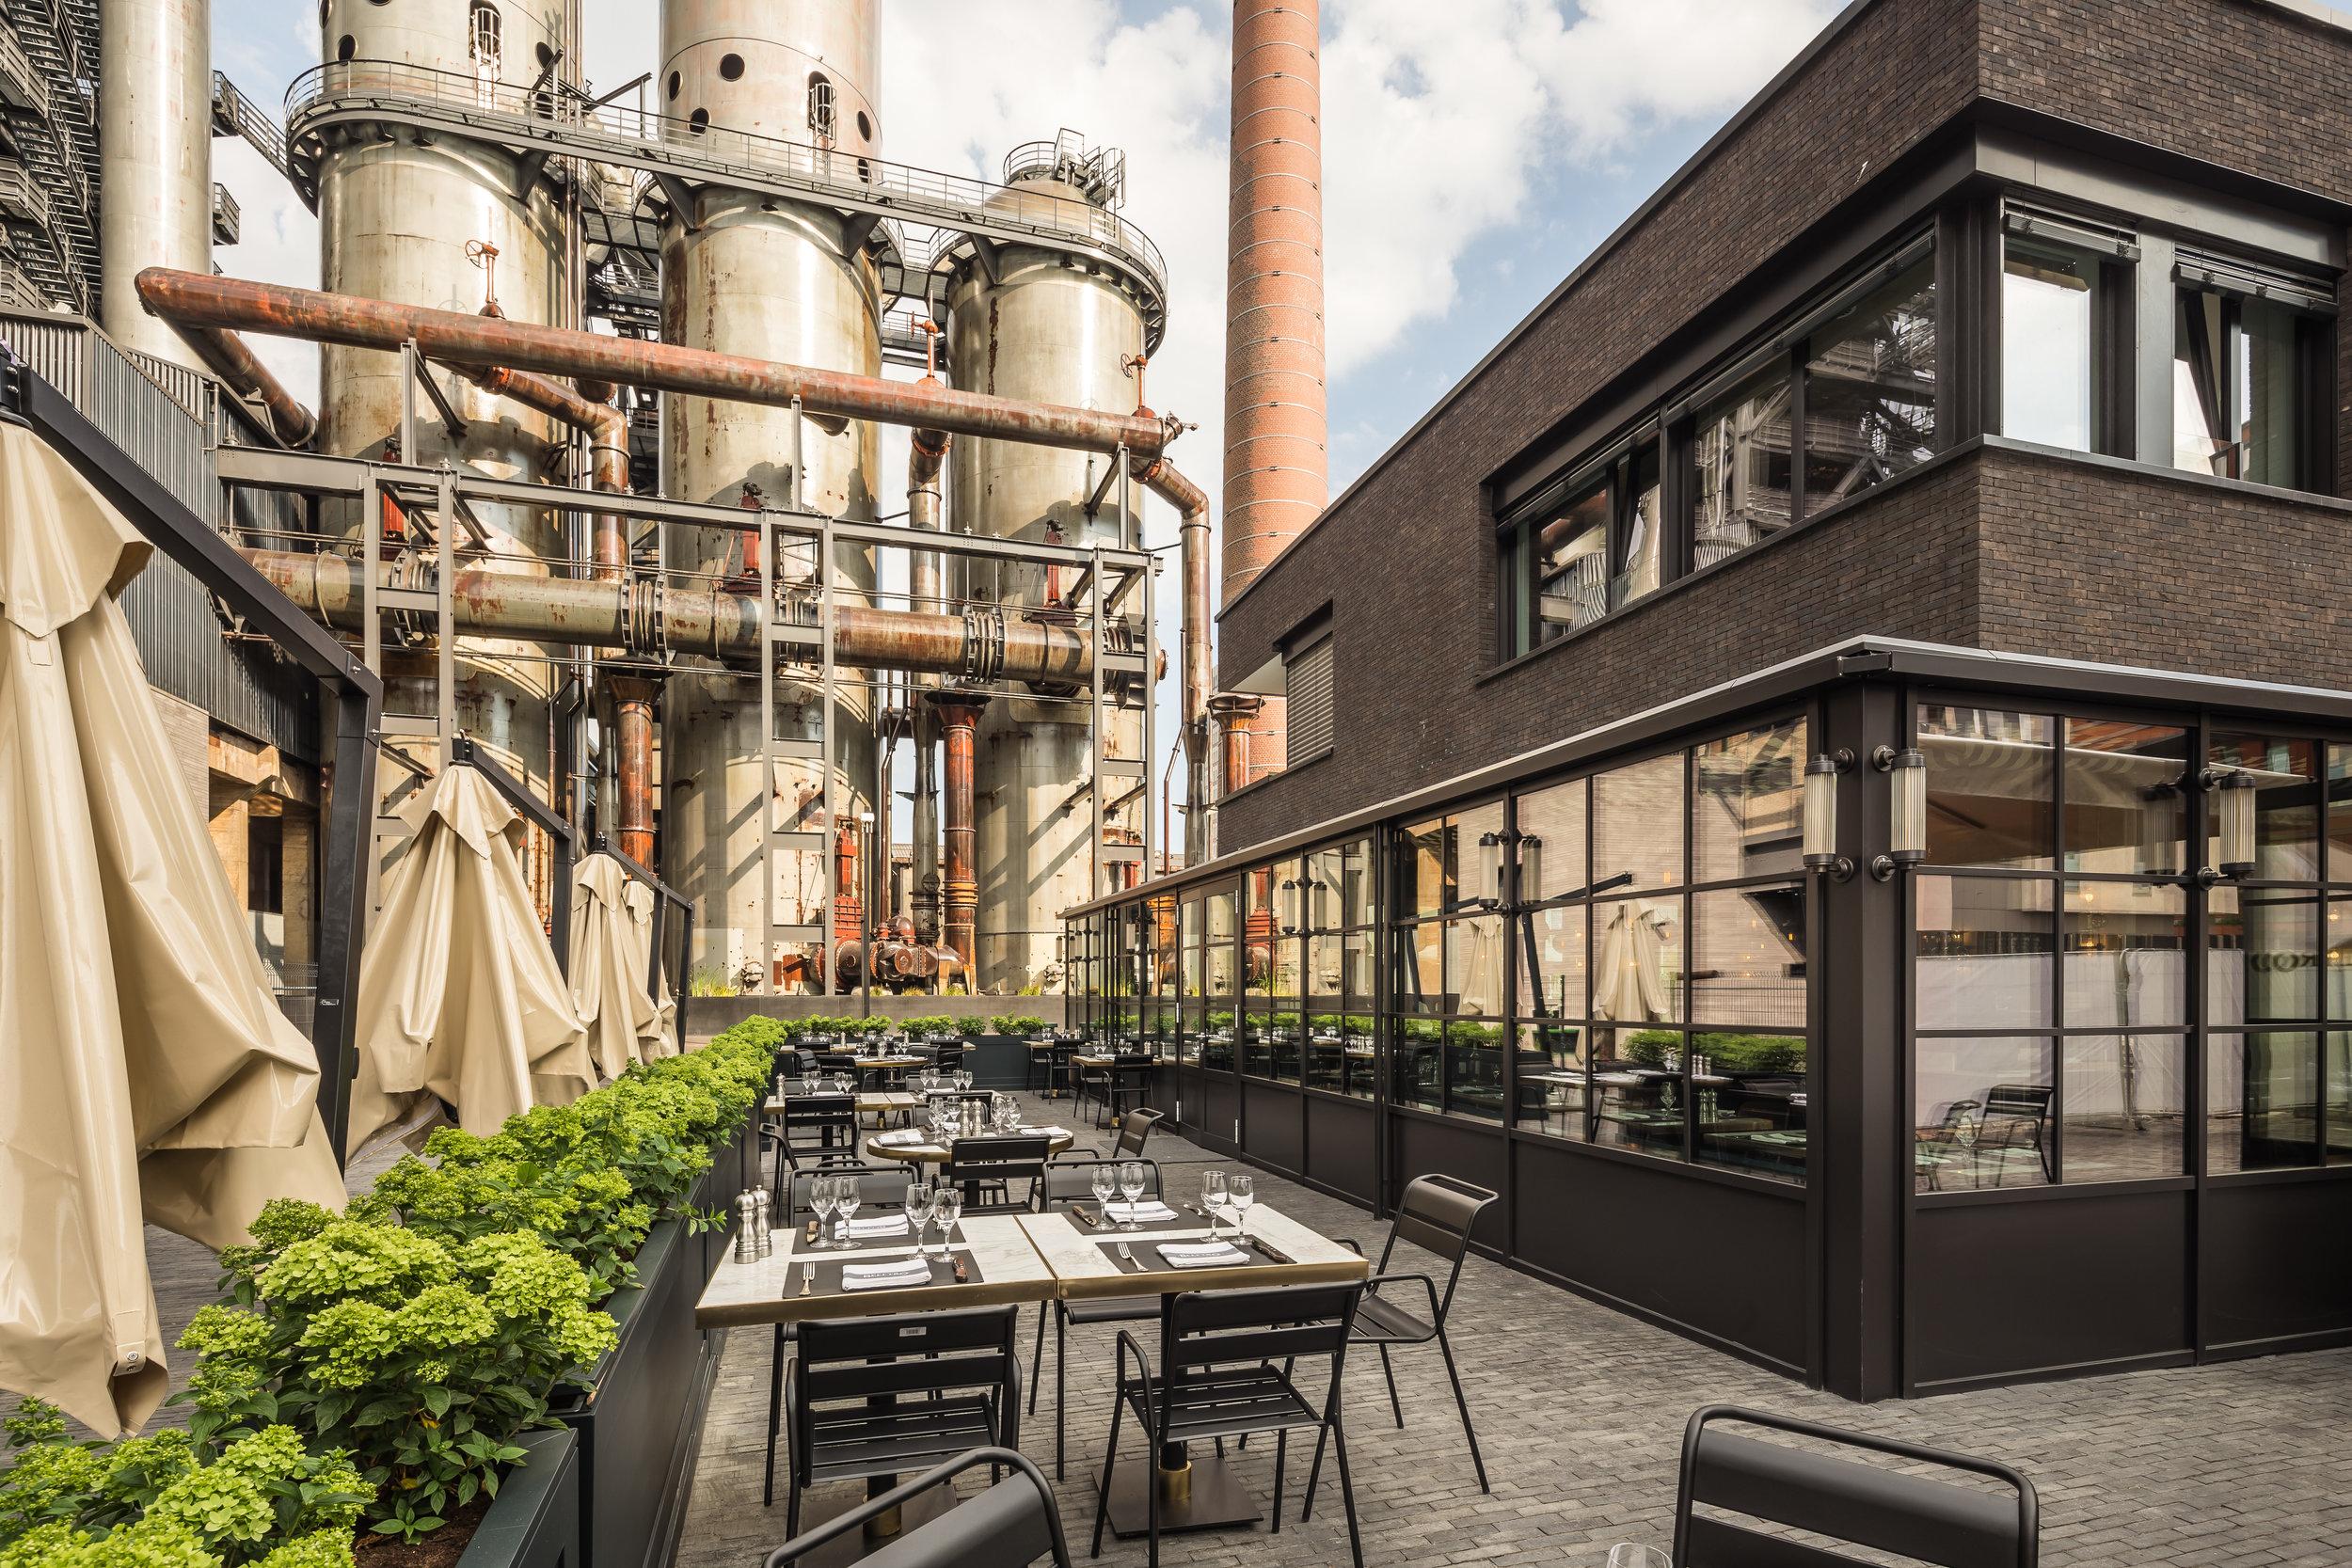 location.giraudi.beeftro luxembourg.08.2016-40.full resolution.jpg